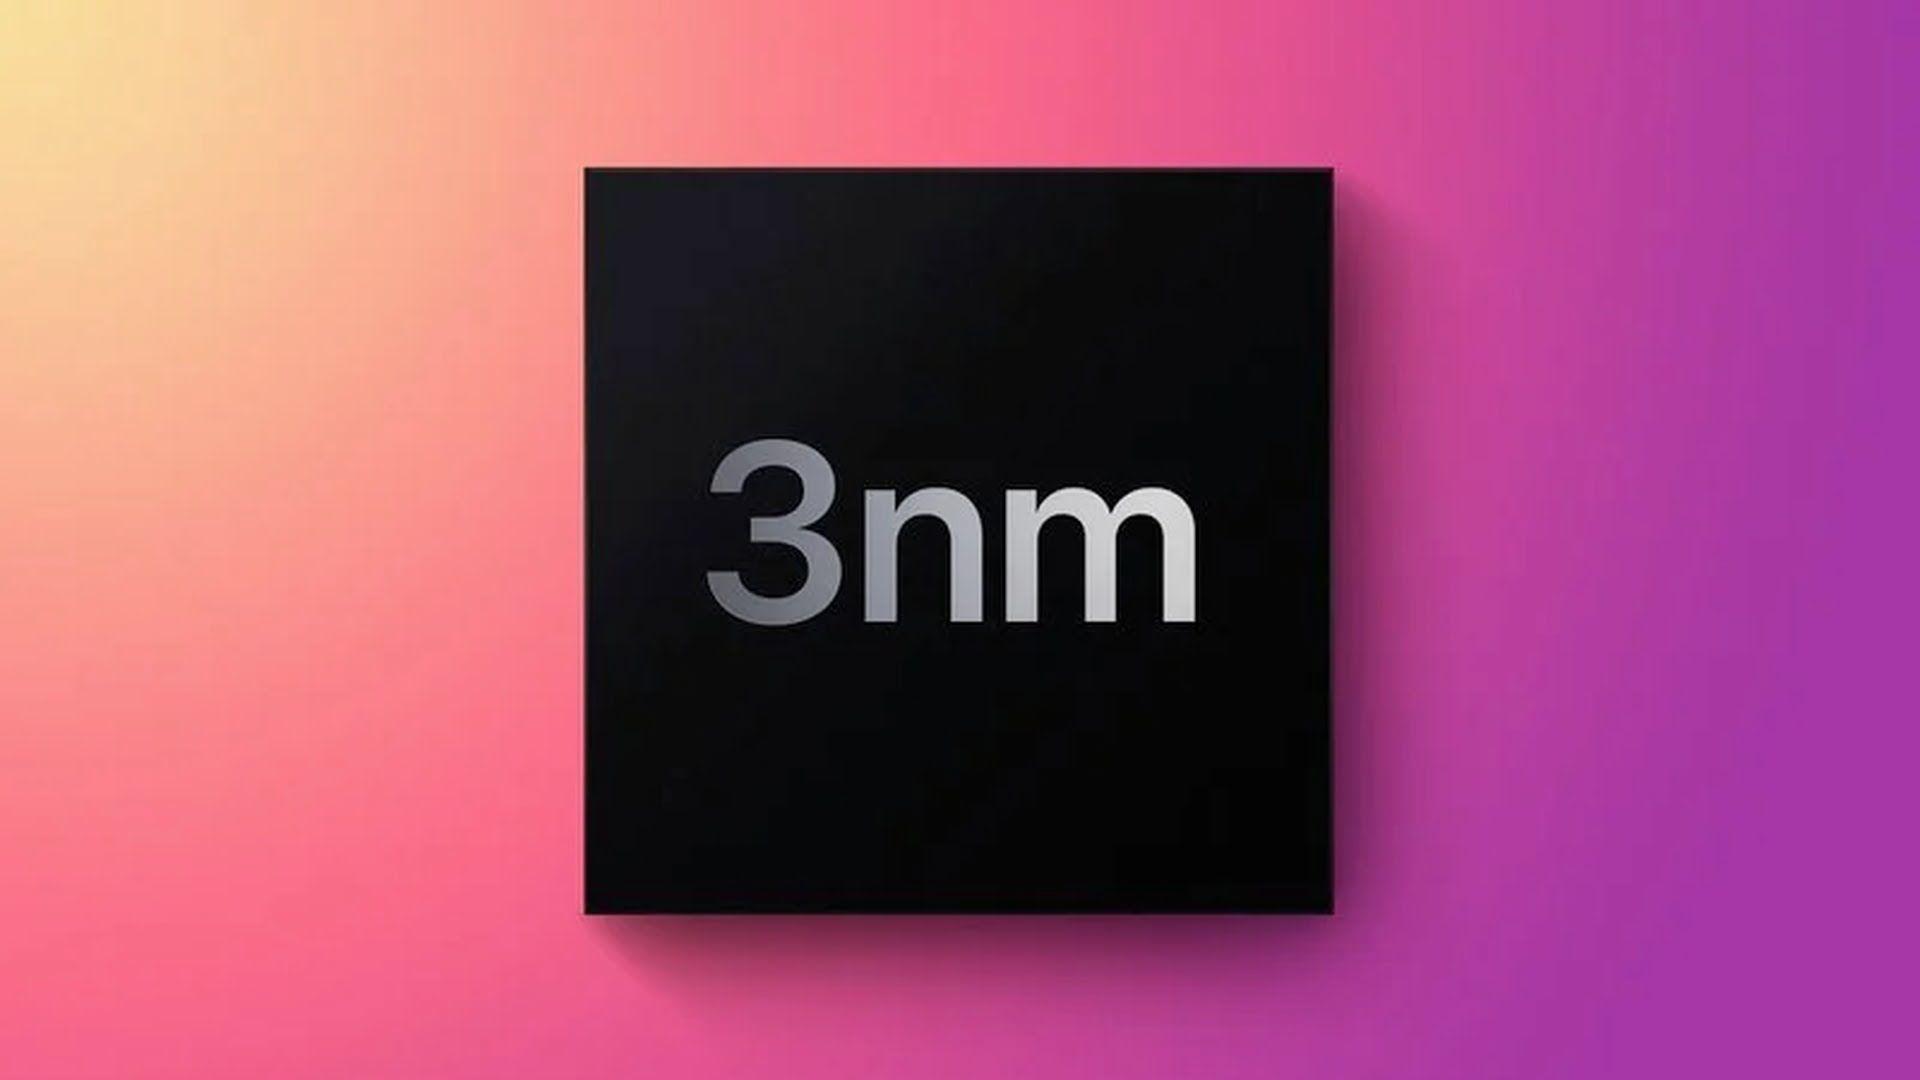 Produkcja 3 nm układów być może w 2 połowie 2022 roku